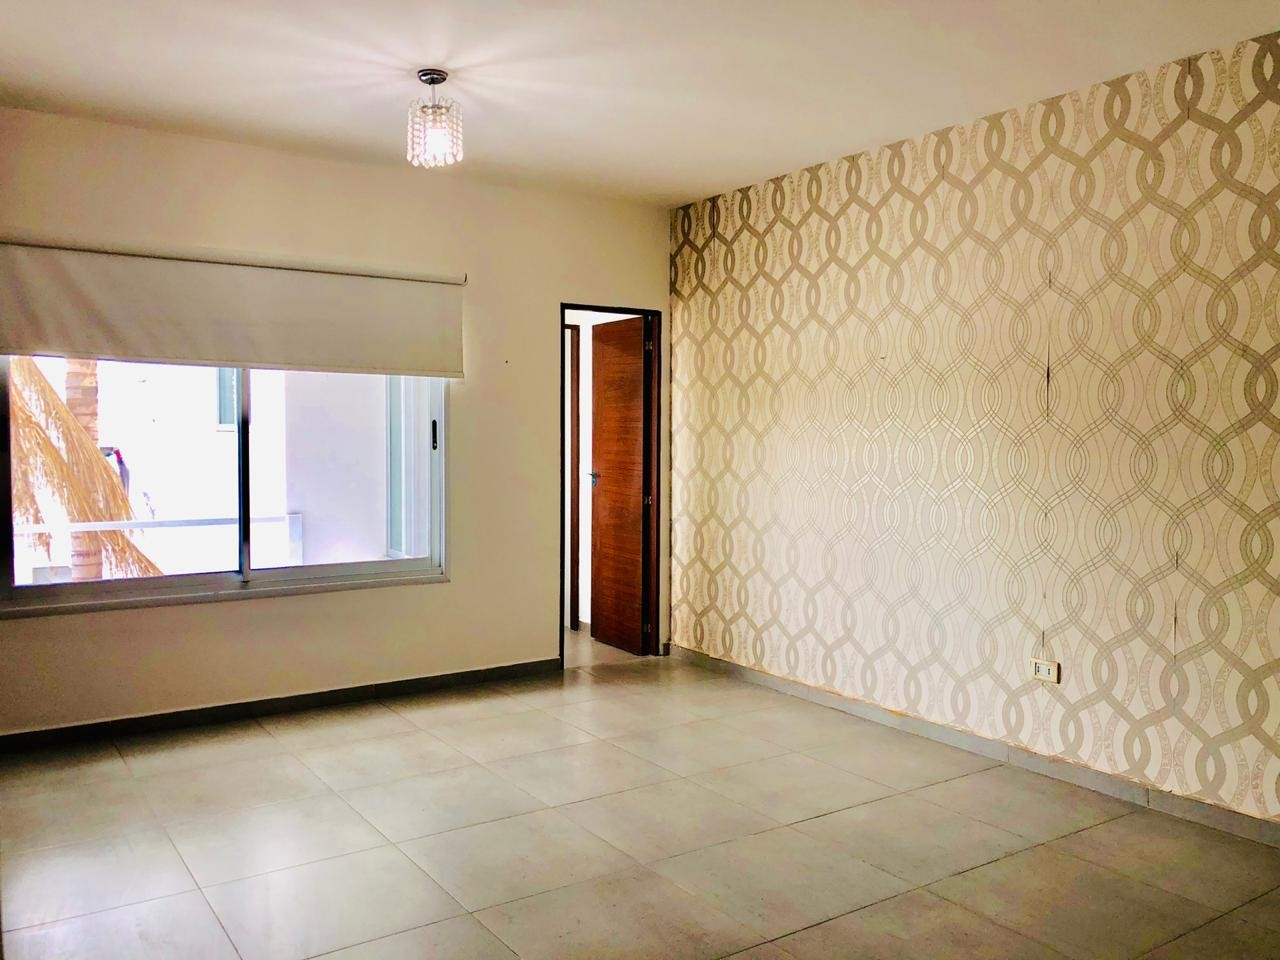 Casa en Alquiler Zona Urubo - Condominio Jardines del Urubo - lado de Restaurante Casa del Camba - a 1 minuto del Puente principal. Foto 14